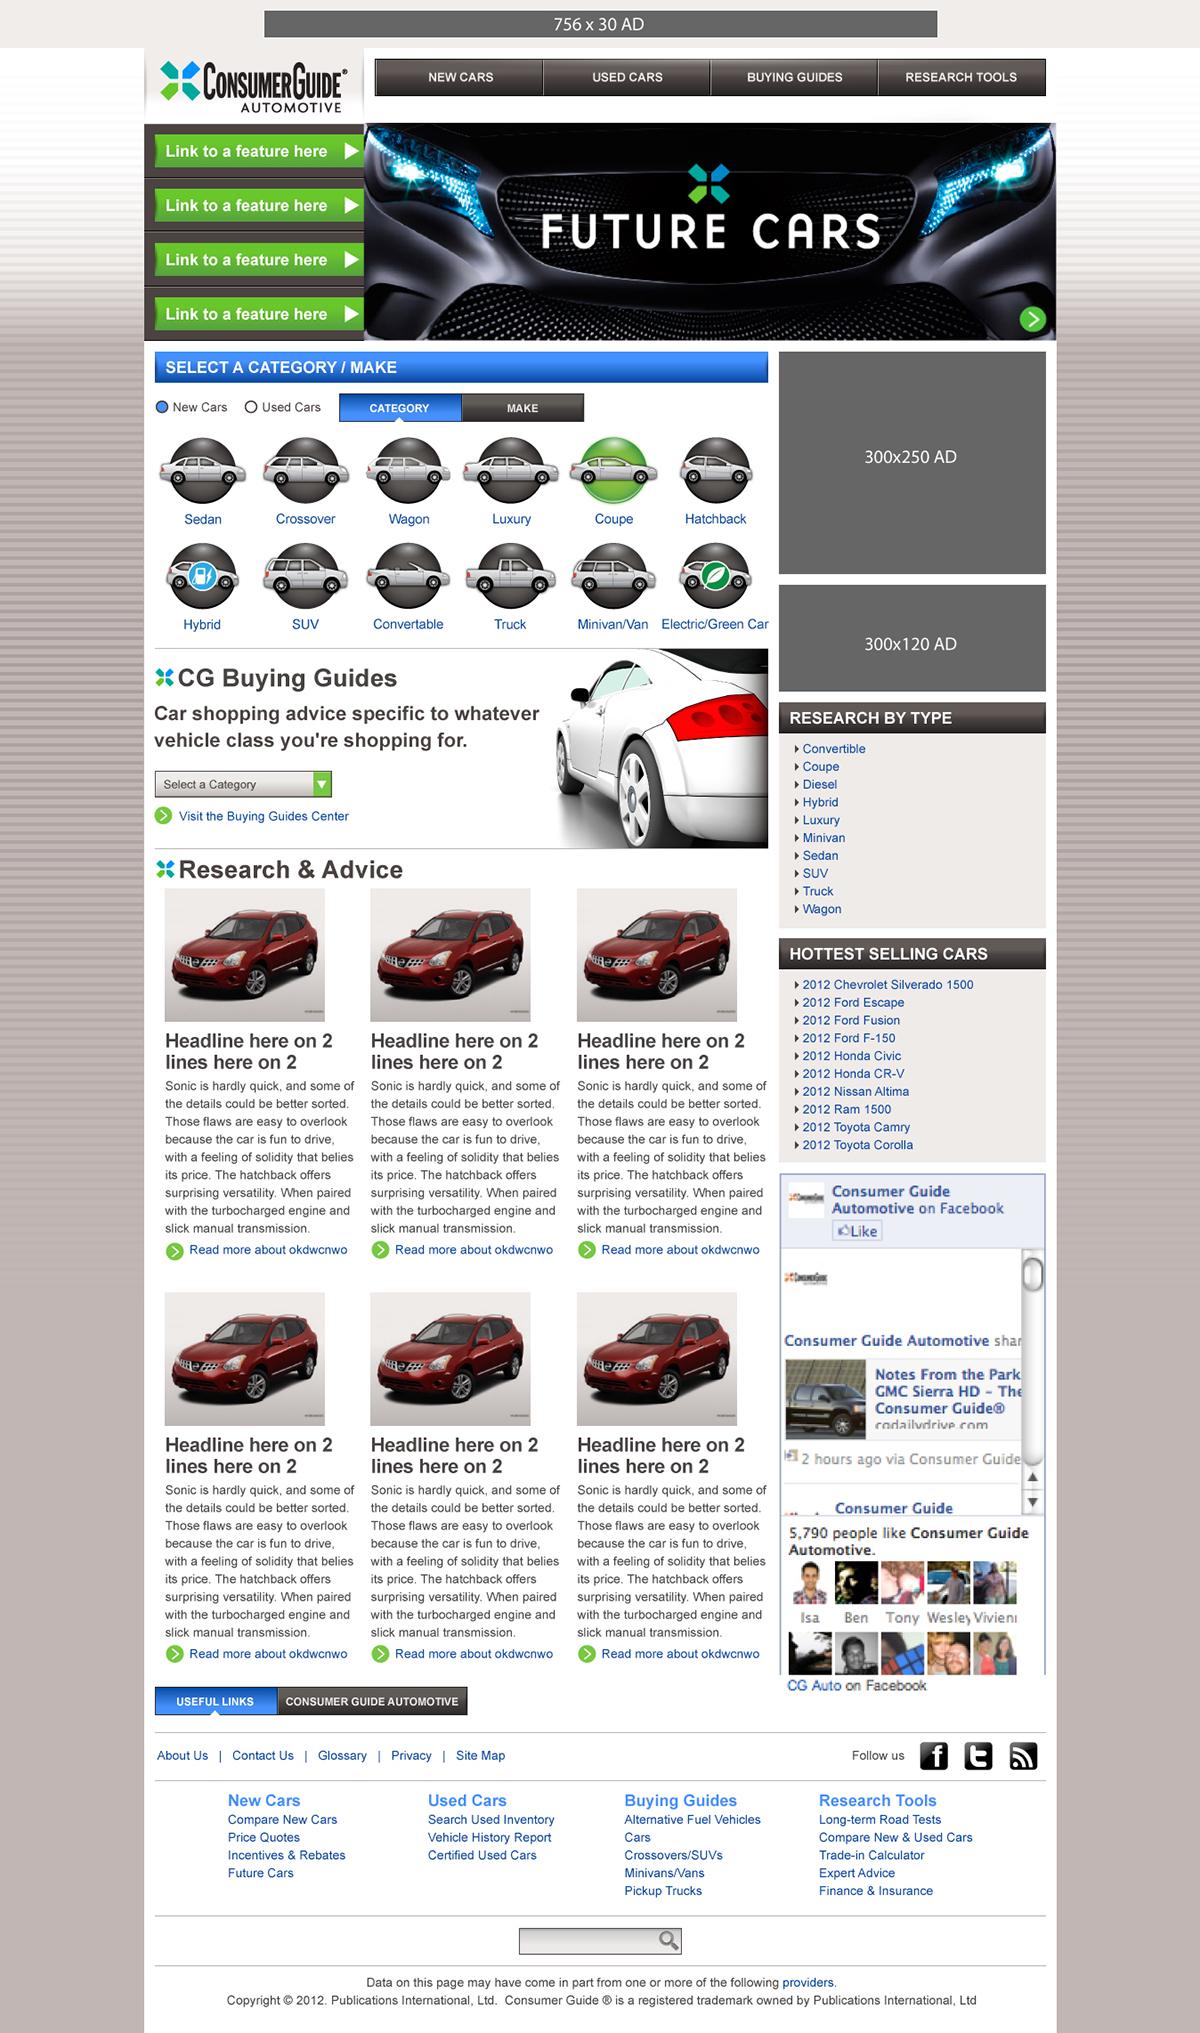 Consumer Website automotive   reviews